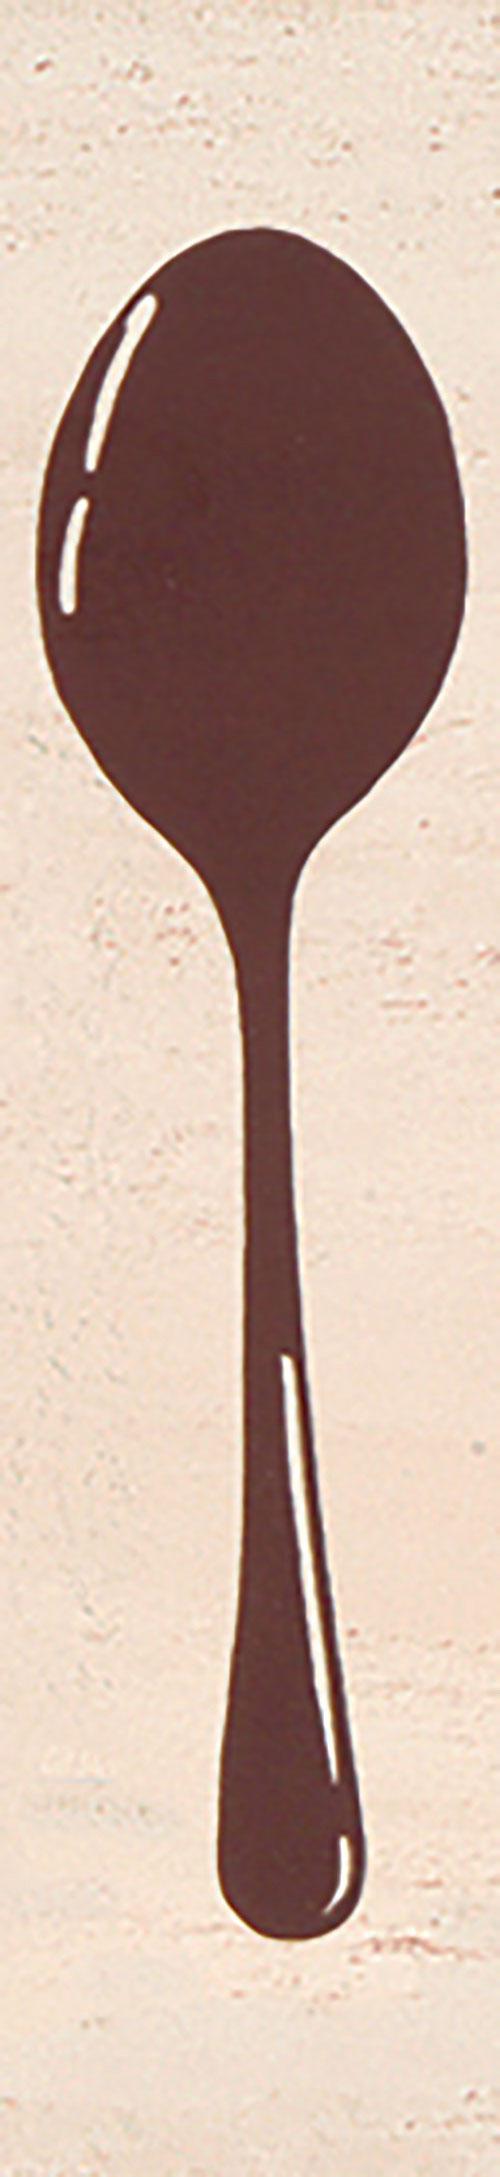 Sakura Cutlery 3